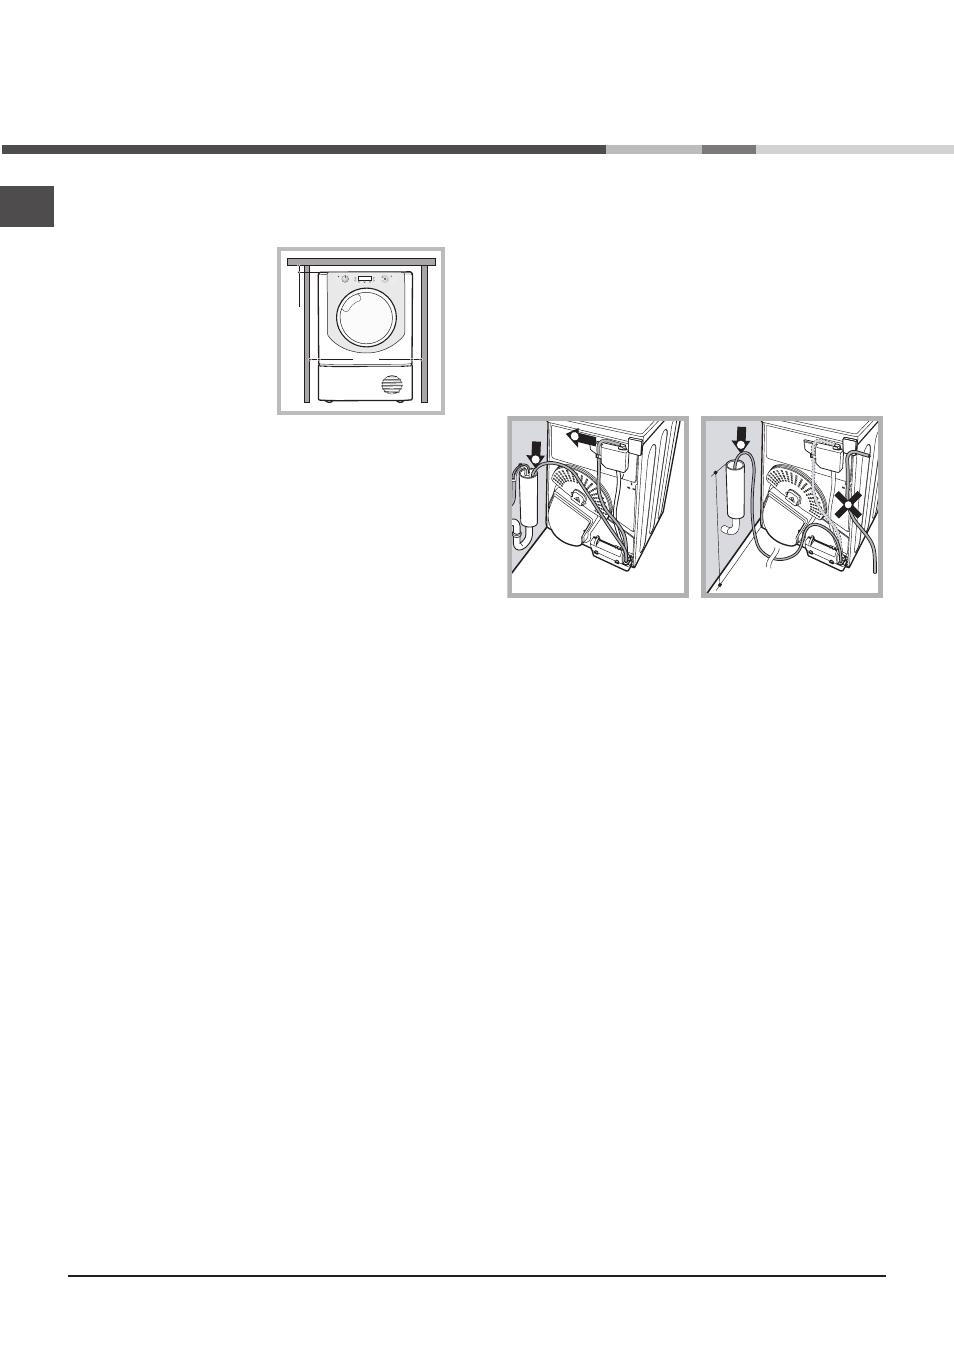 Электрическая схема сушильной машины